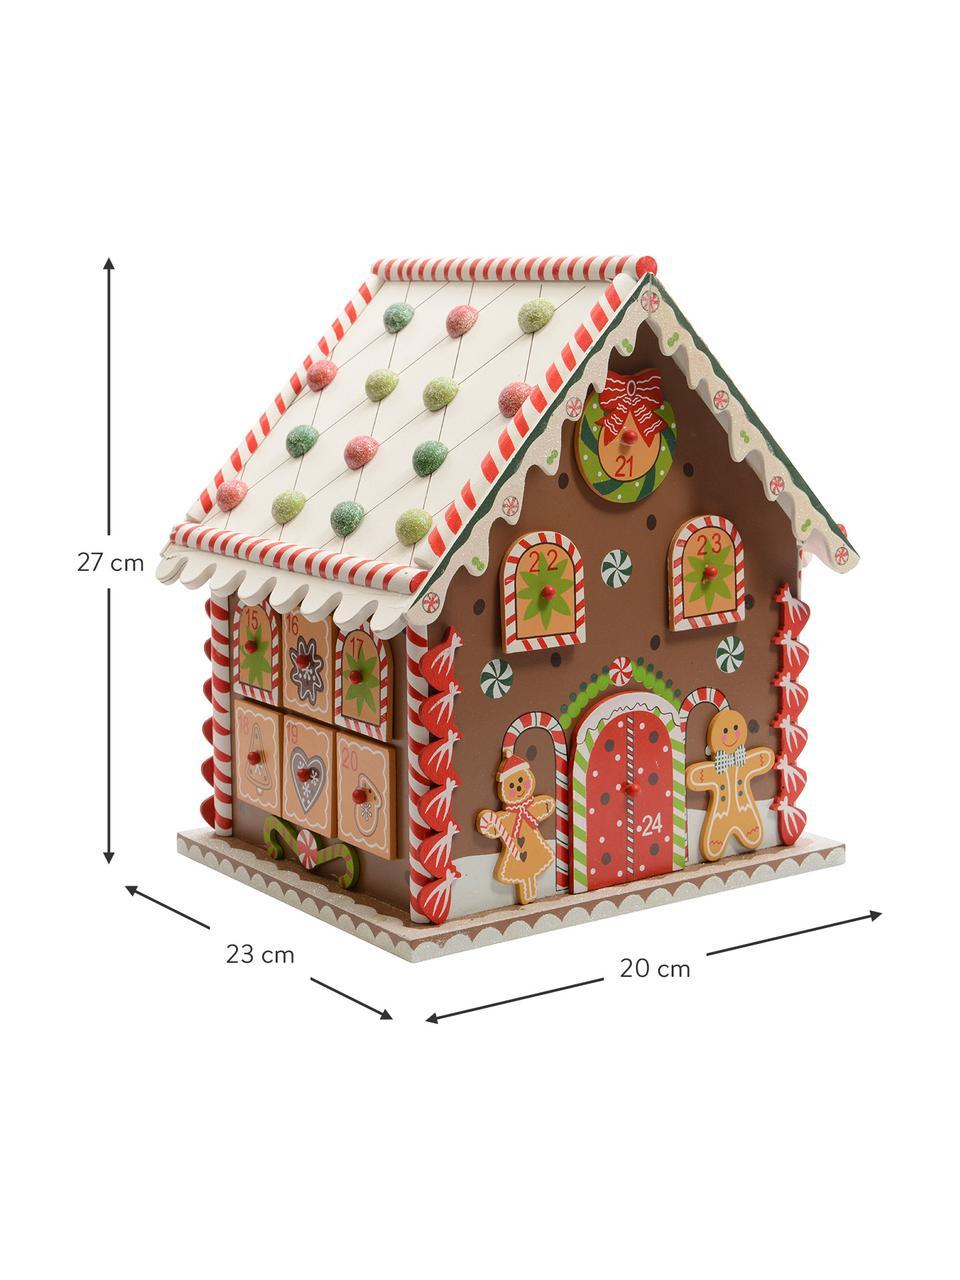 Kalendarz adwentowy House, Płyta pilśniowa średniej gęstości, powlekany, Brązowy, wielobarwny, S 23 x W 27 cm